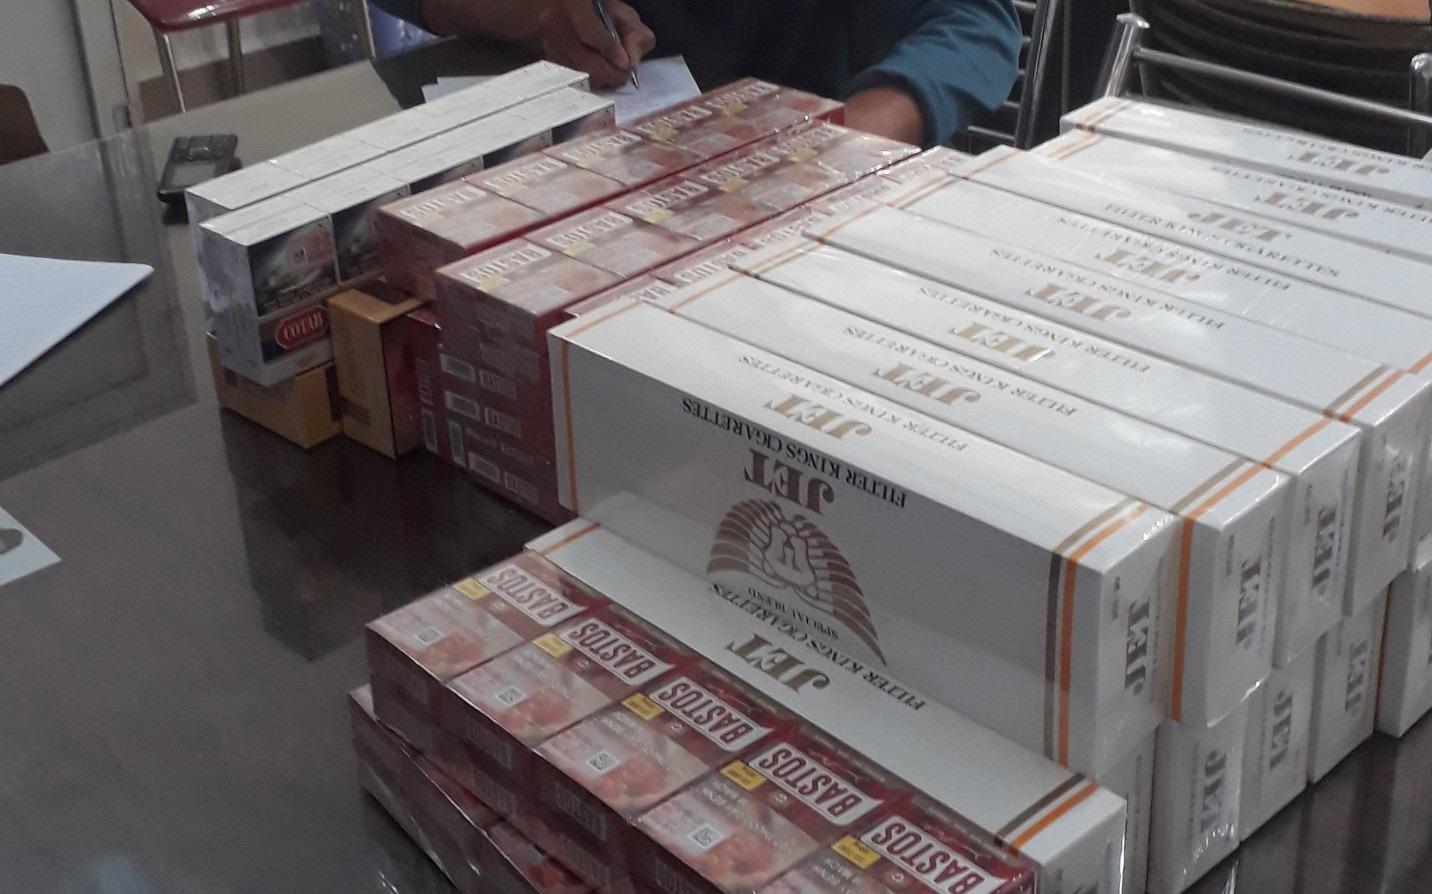 Chủ tiệm tạp hoá cùng người làm công vận chuyển mua bán 73 cây thuốc lá lậu  bị phạt 110 triệu đồng